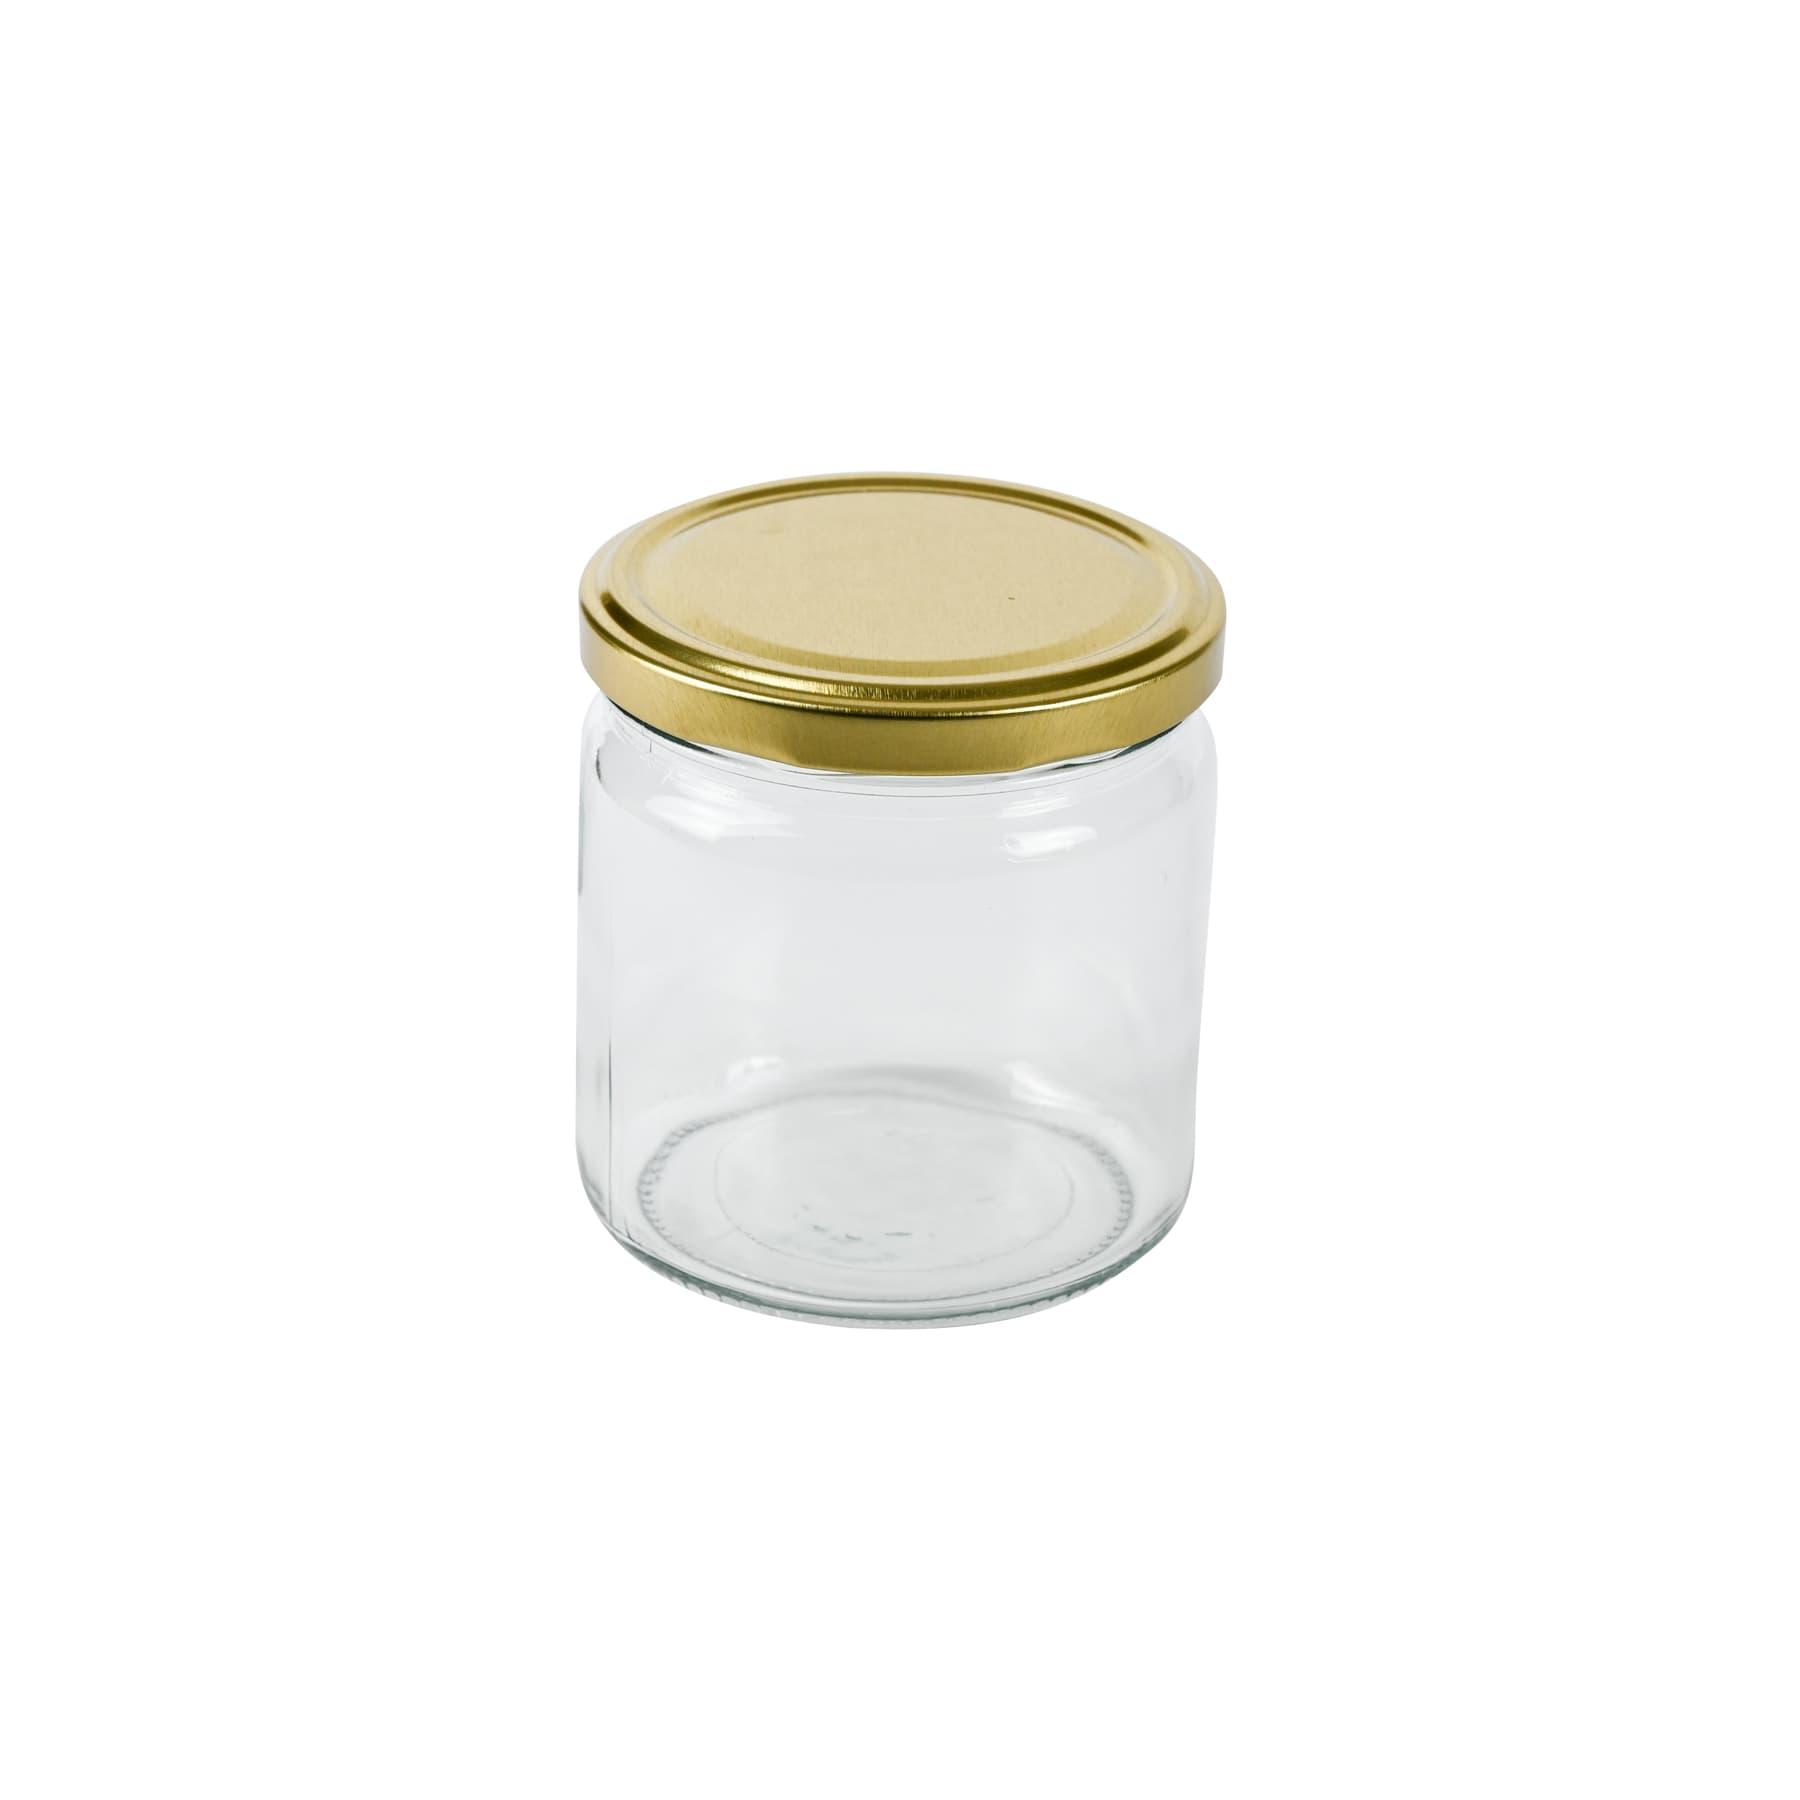 Rundglas 500 g TO ohne Deckel 1 Palette= 1936 St. lose FREI HAUS,